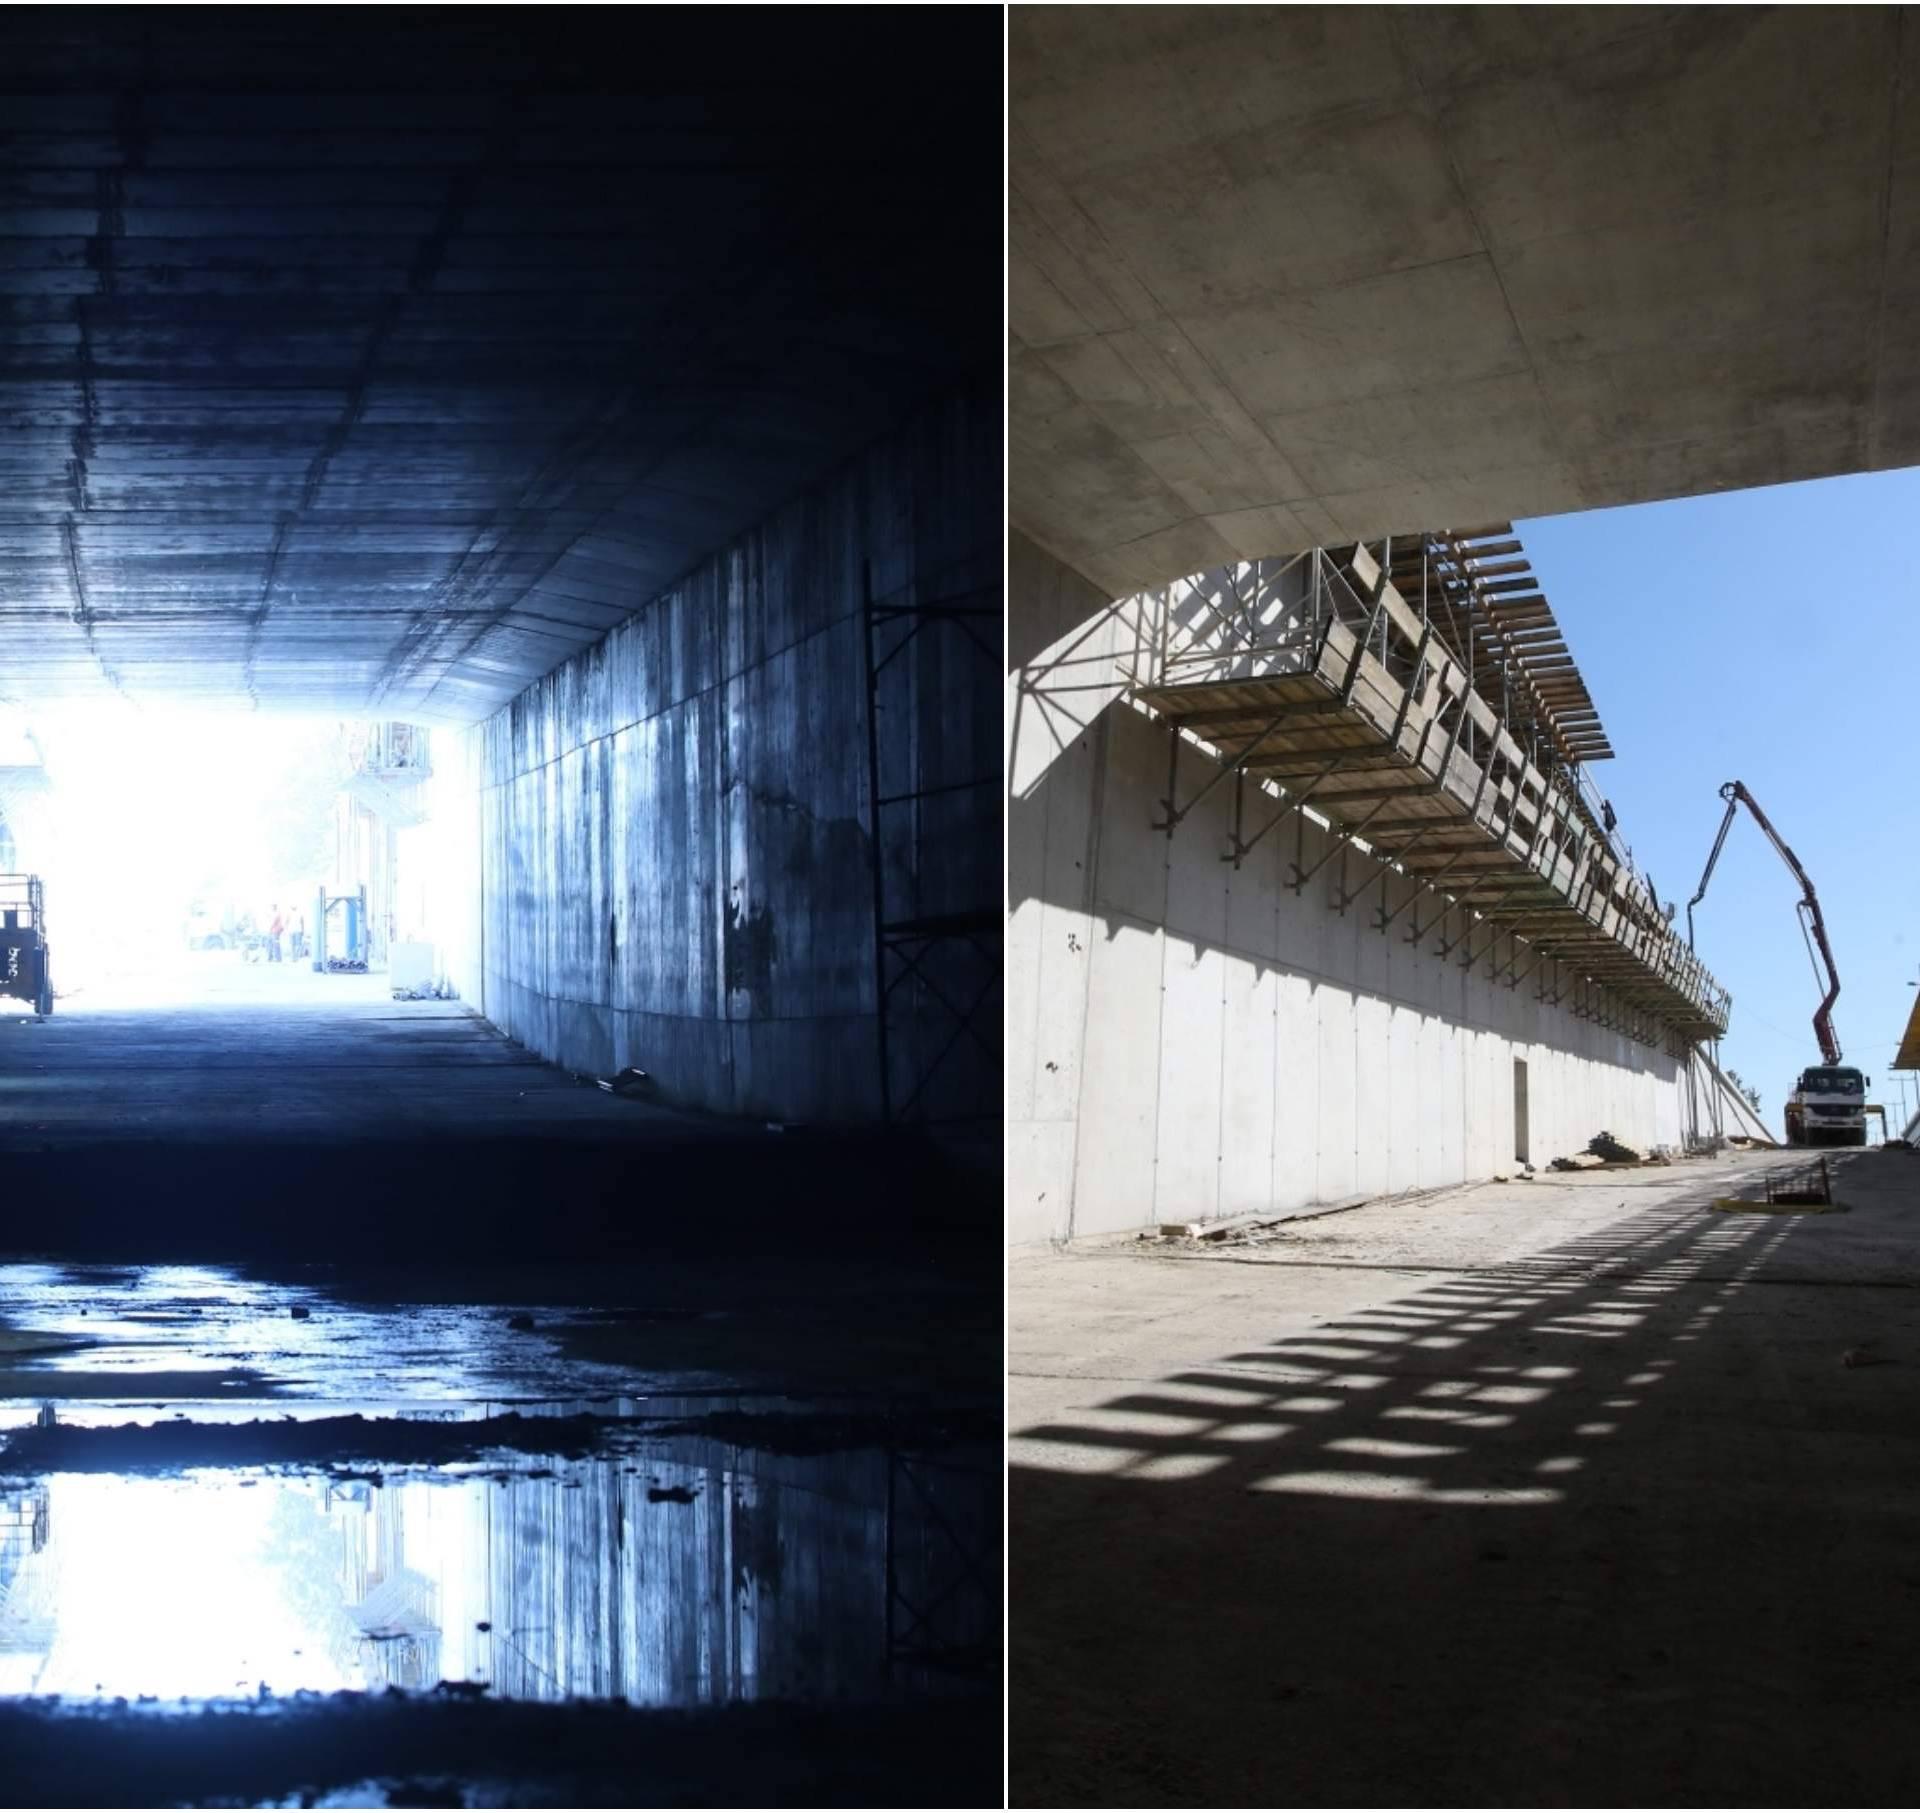 Zavirite u 'tunel': Prvi pogled u cijev novog zagrebačkog rotora